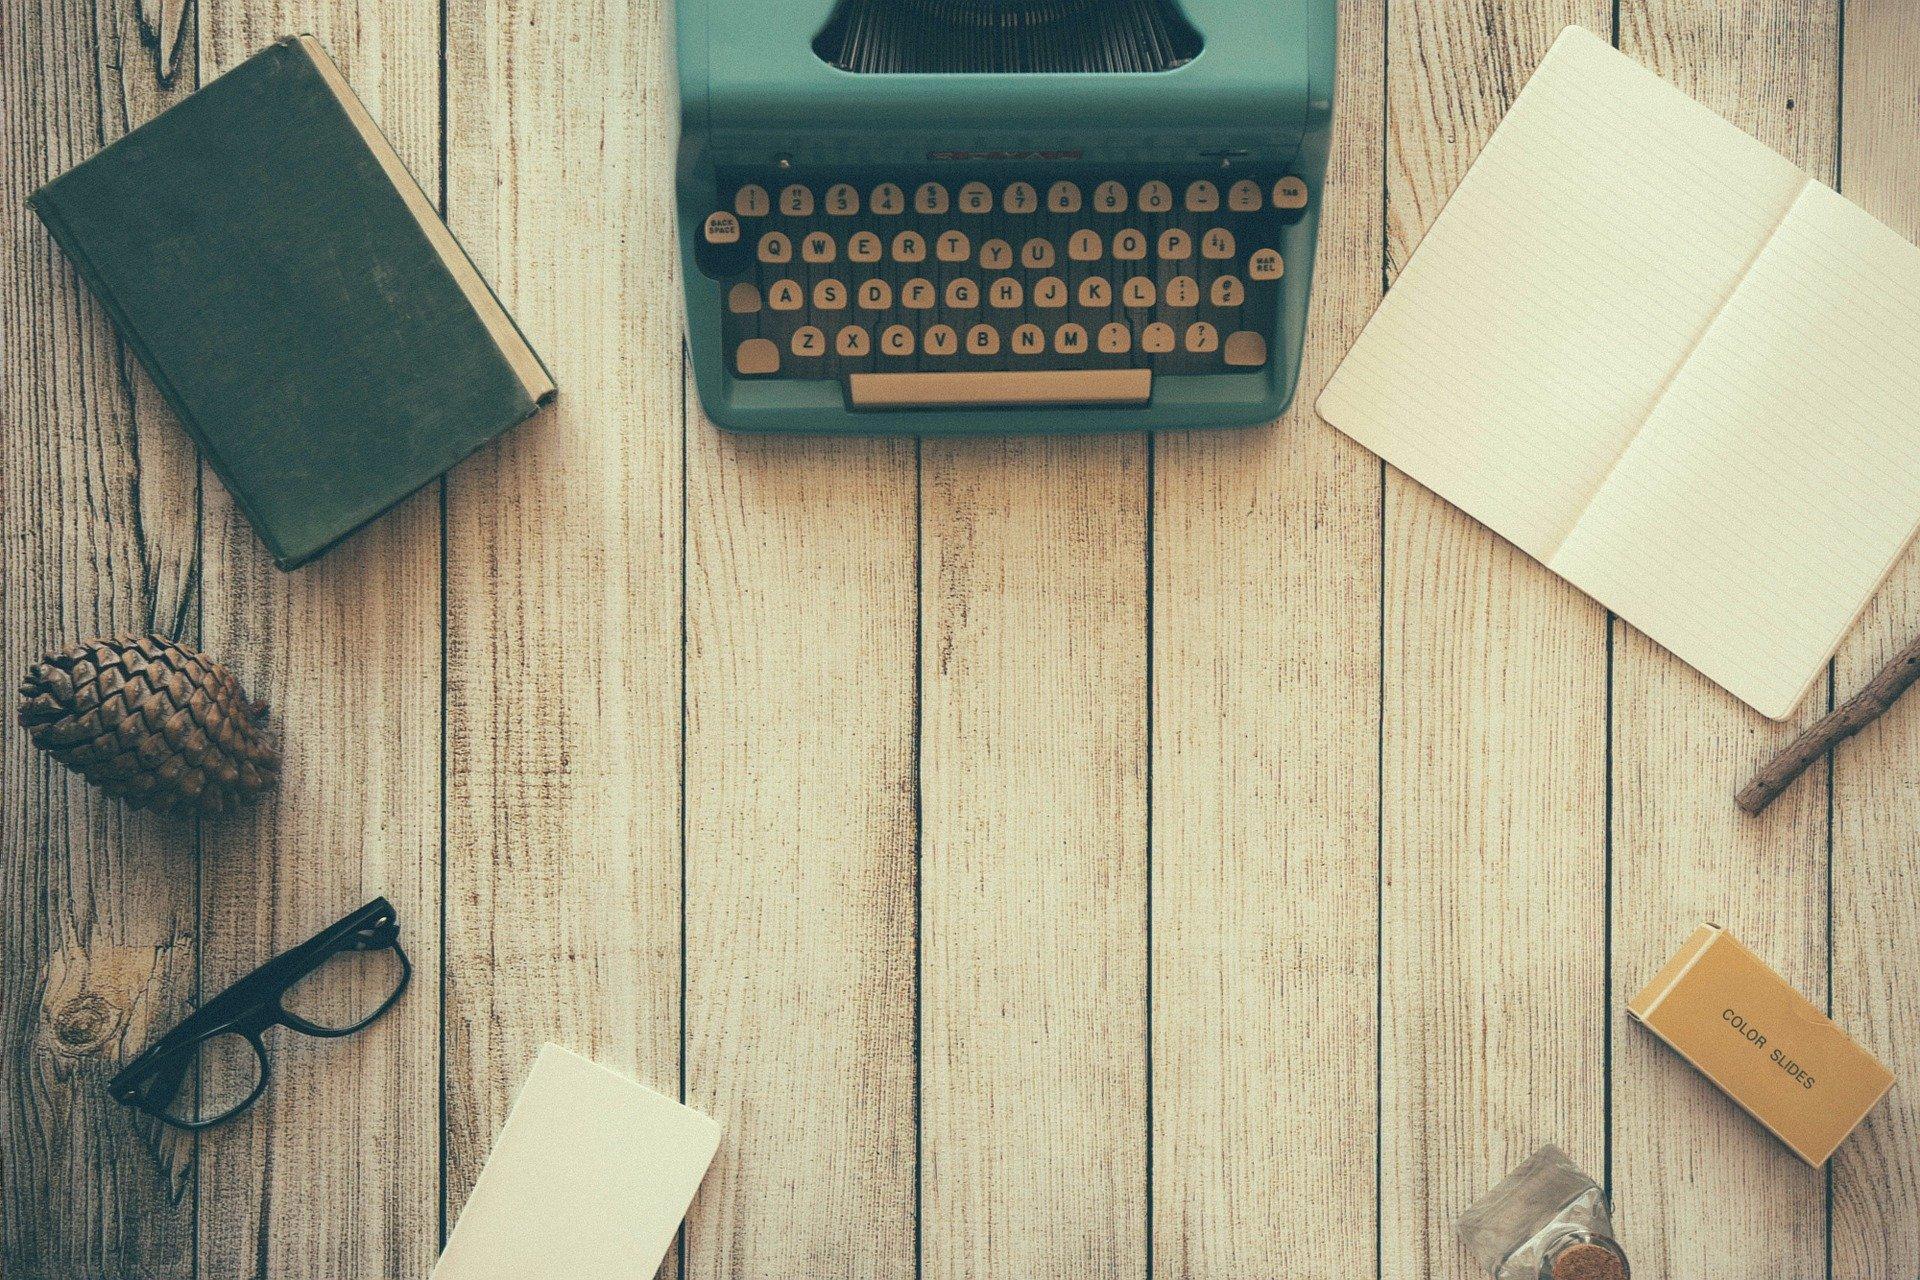 Pracovní stůl copywriter